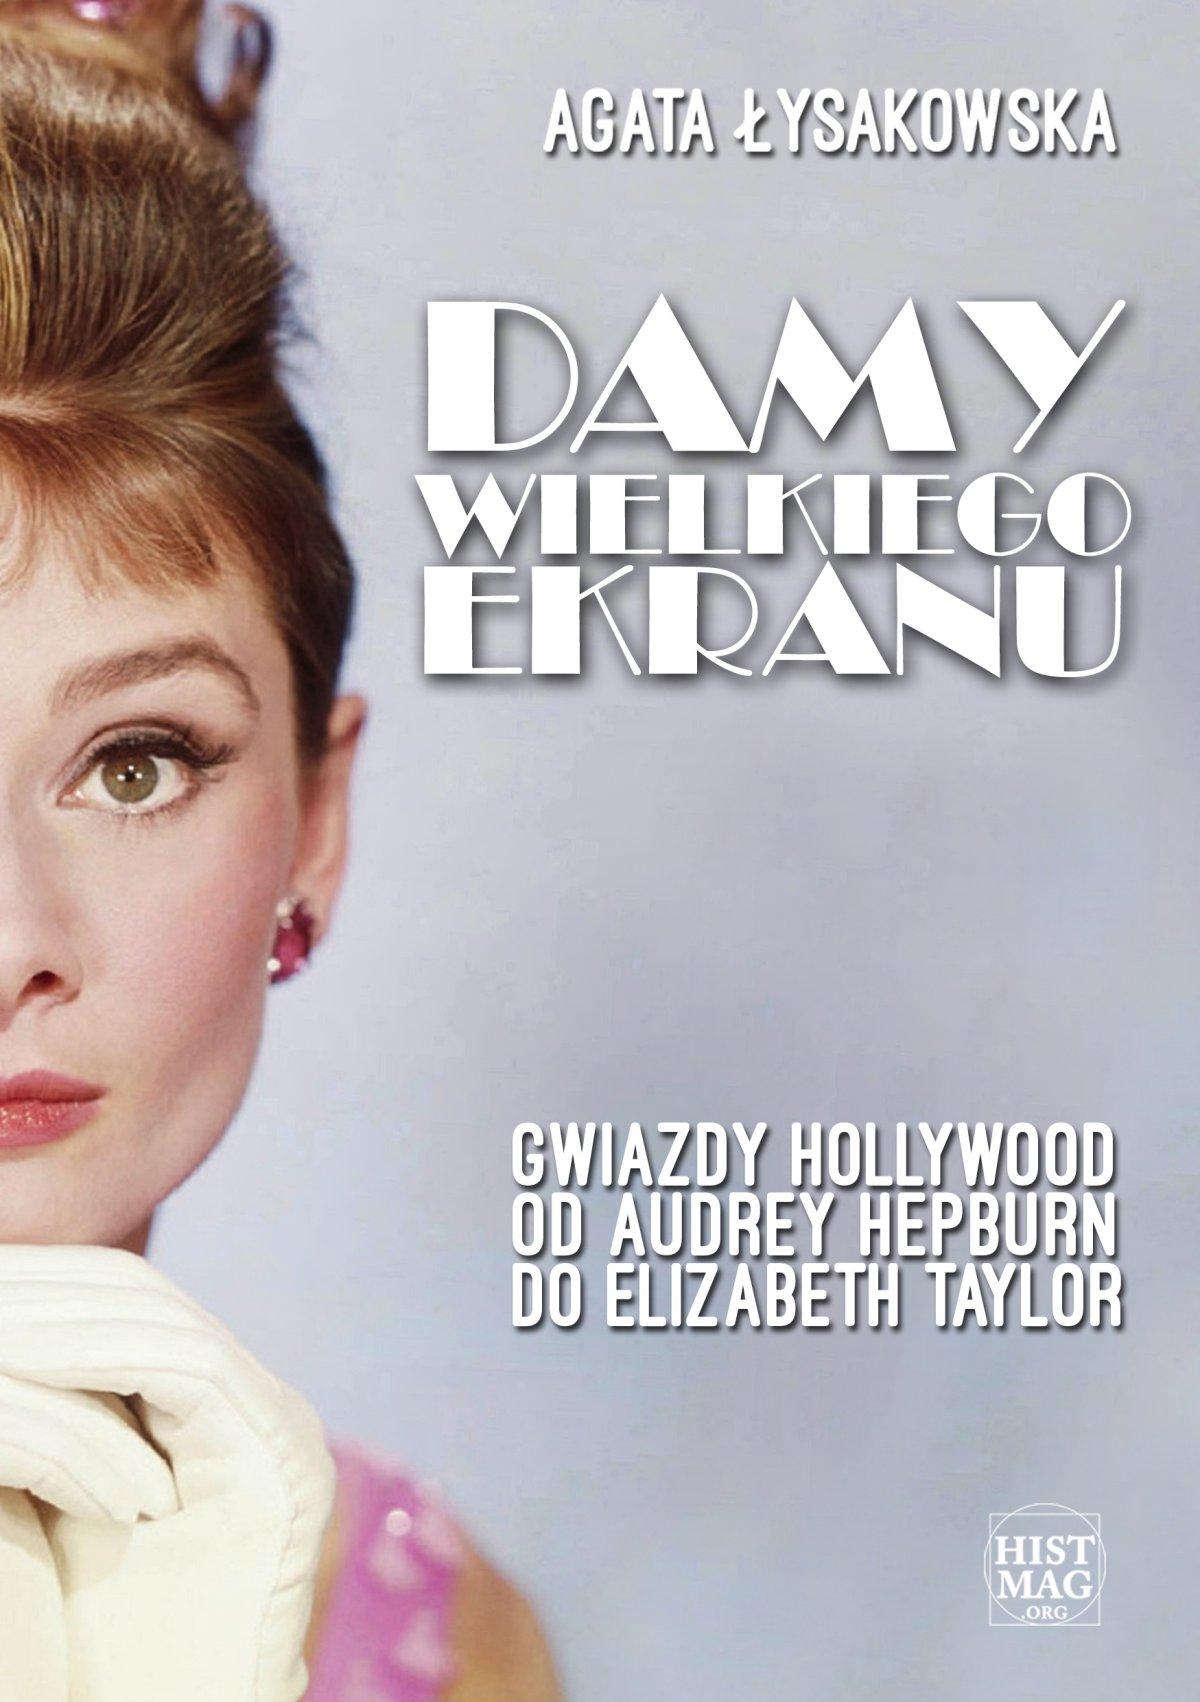 Damy wielkiego ekranu: Gwiazdy Hollywood od Audrey Hepburn do Elizabeth Taylor - Ebook (Książka na Kindle) do pobrania w formacie MOBI